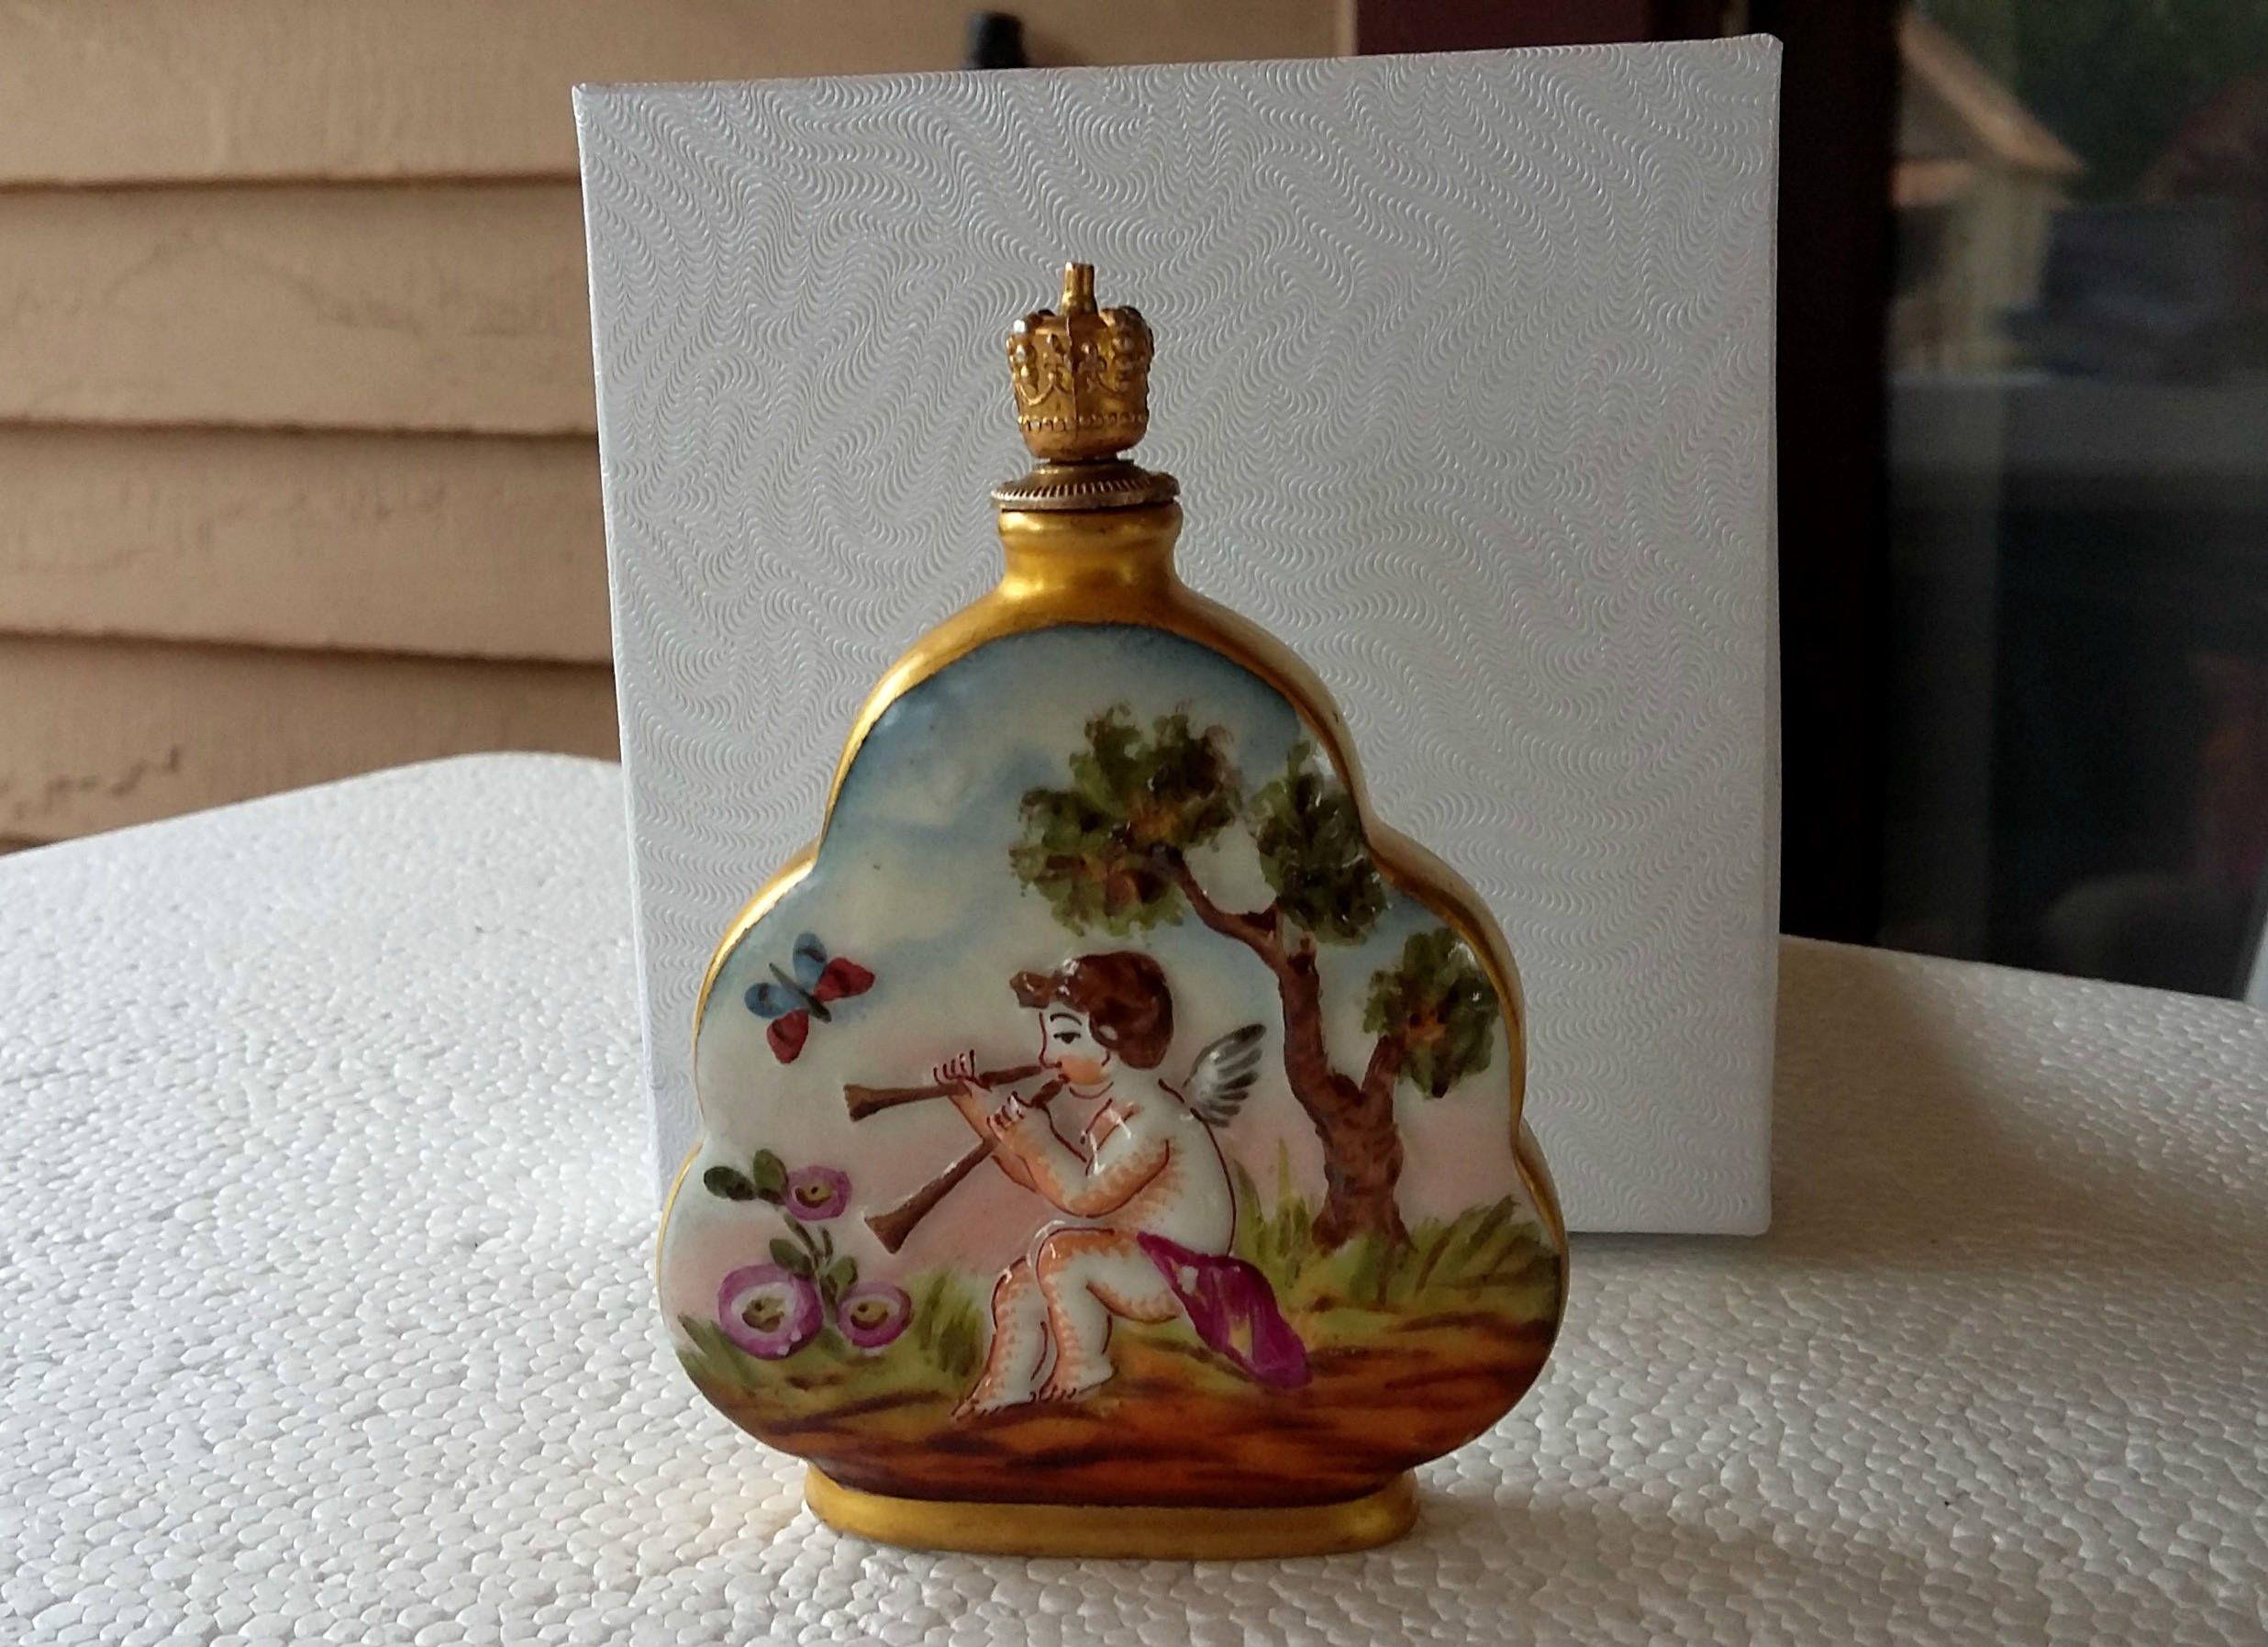 Rare Vintage Art Deco, Potscappel German Perfume Crown Cork Parfum